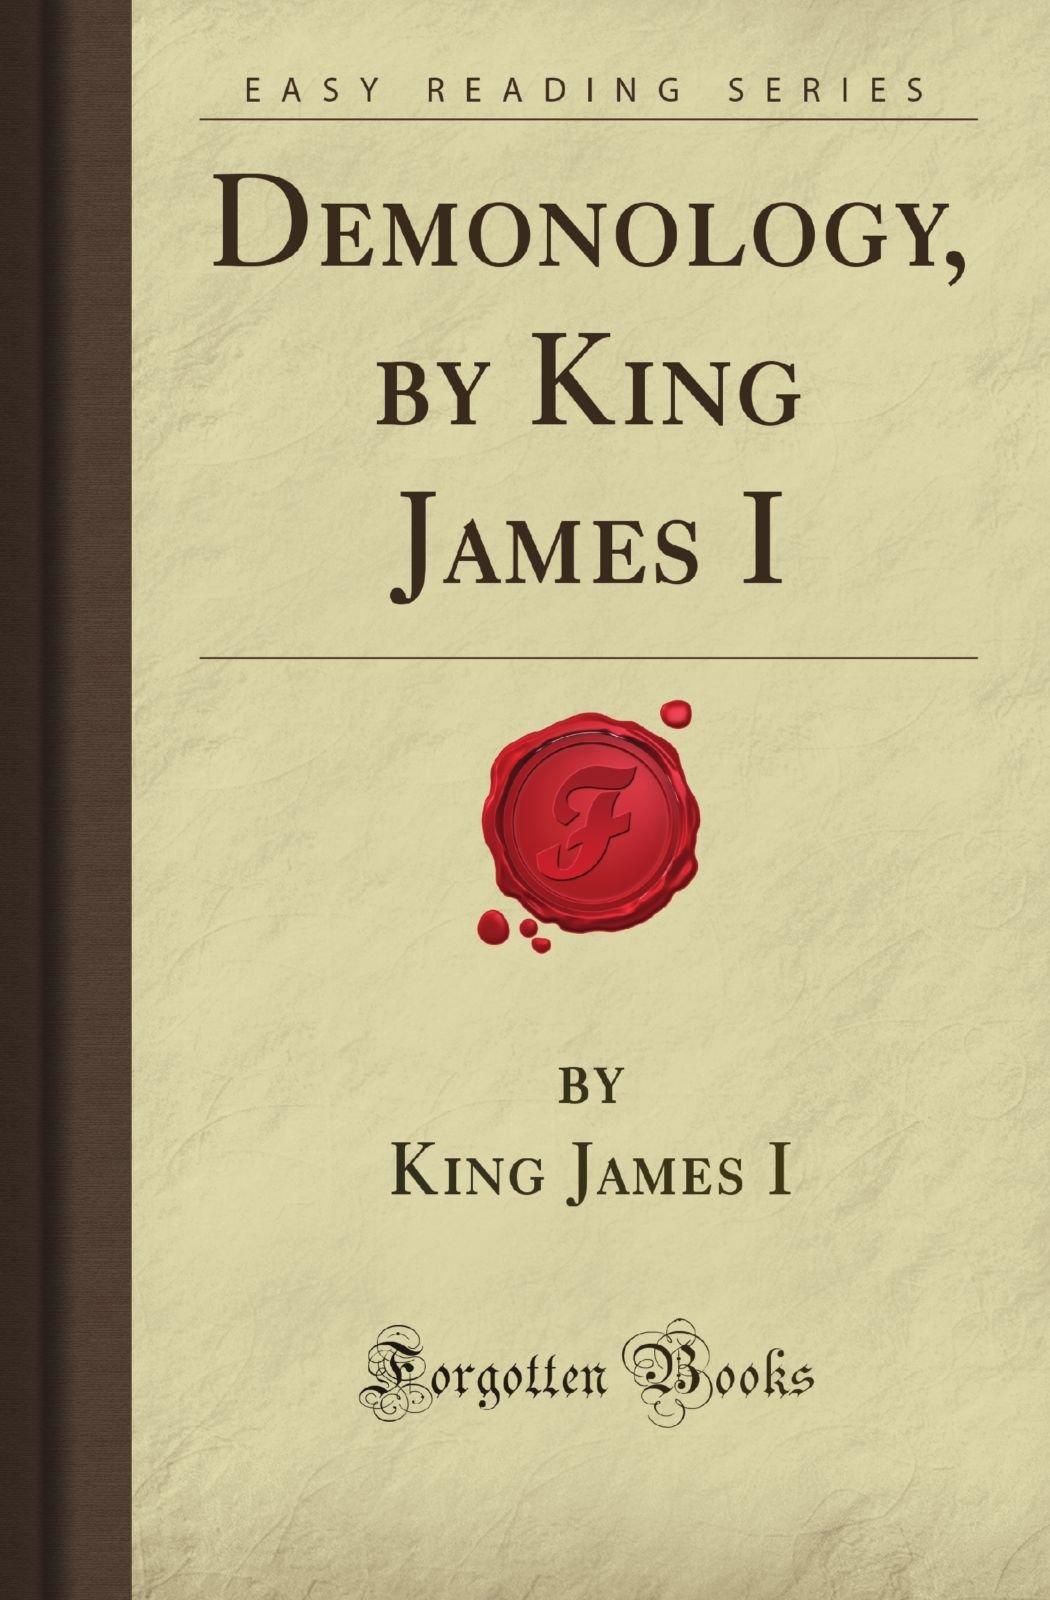 Image result for king james i demonology